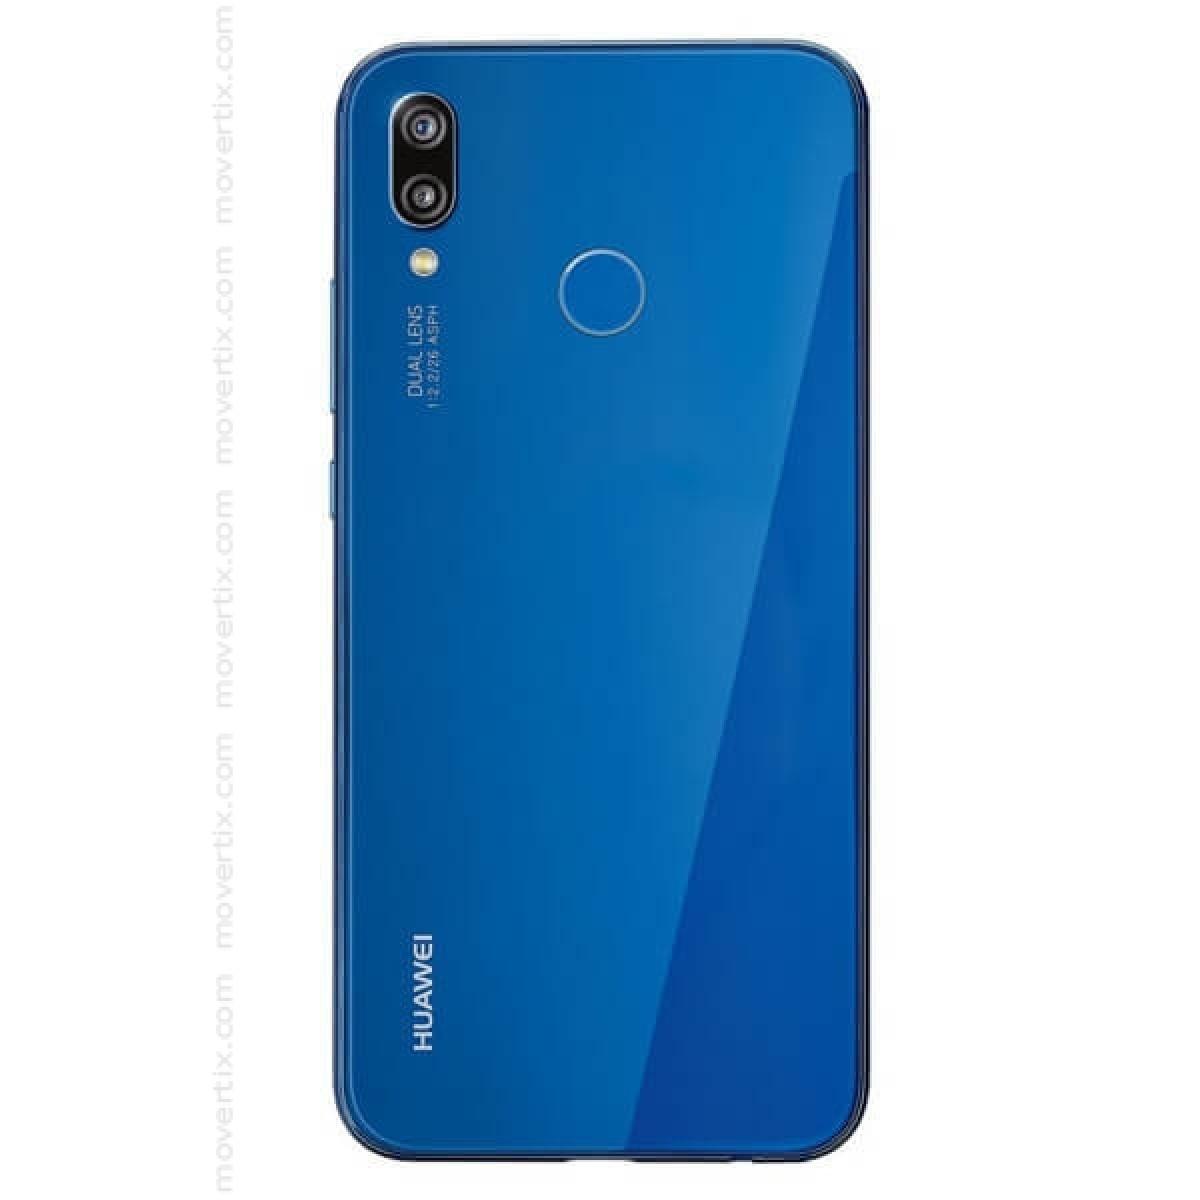 3071295bcf2c62 Huawei P20 Lite Dual SIM Blue (ANE-LX1)